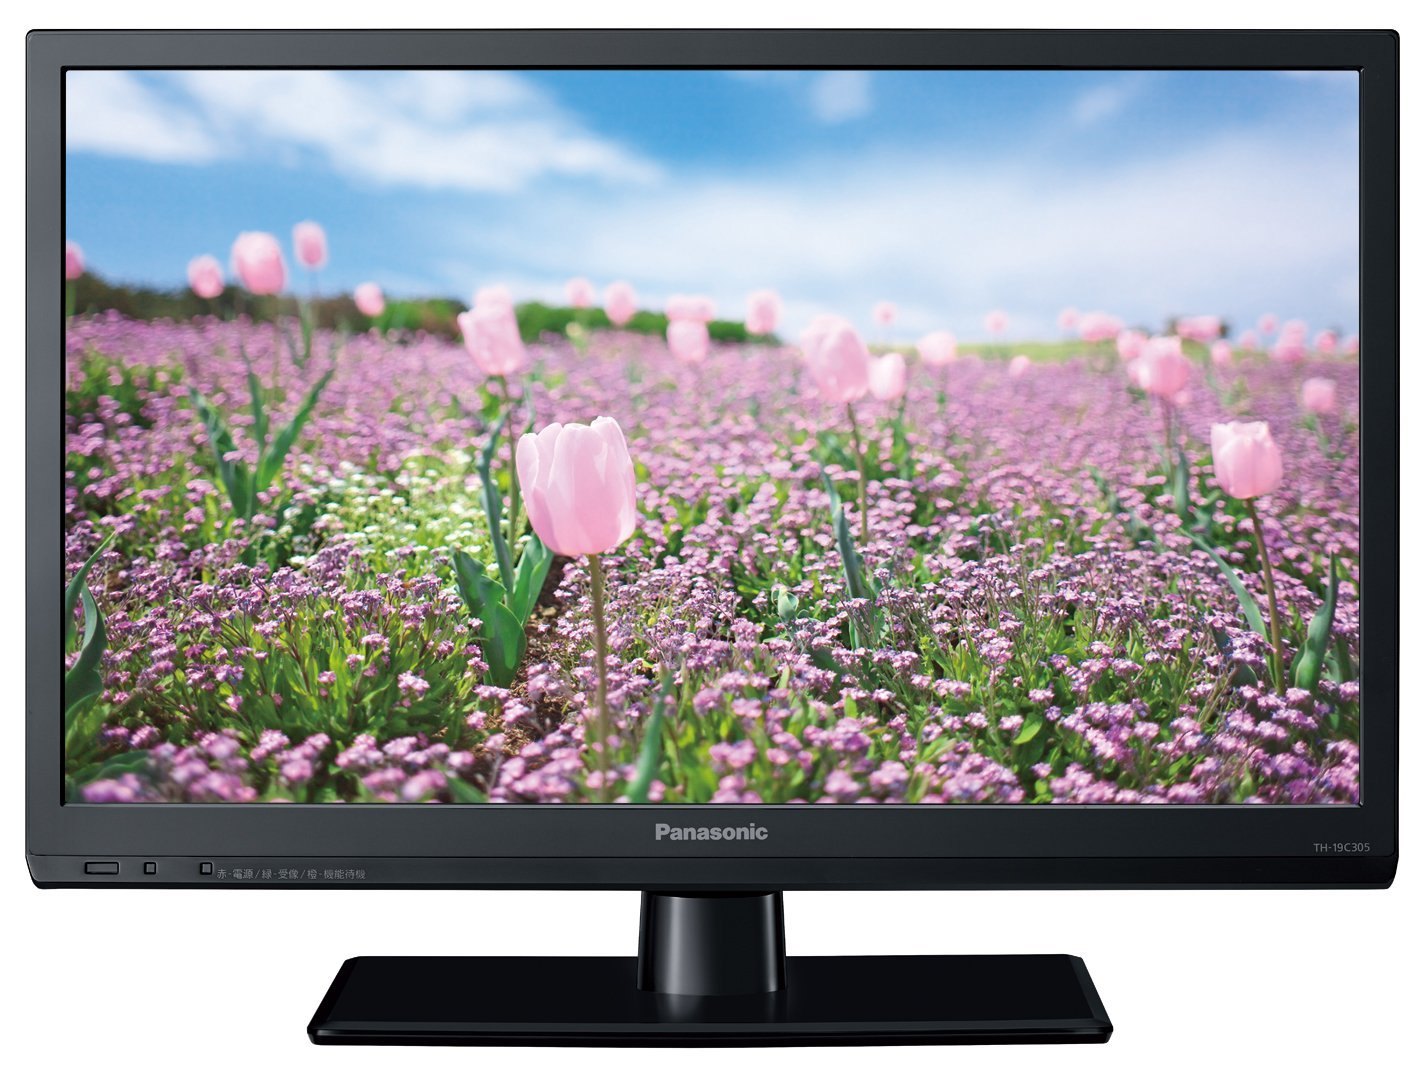 パナソニック 19V型 ハイビジョン 液晶テレビ...の商品画像